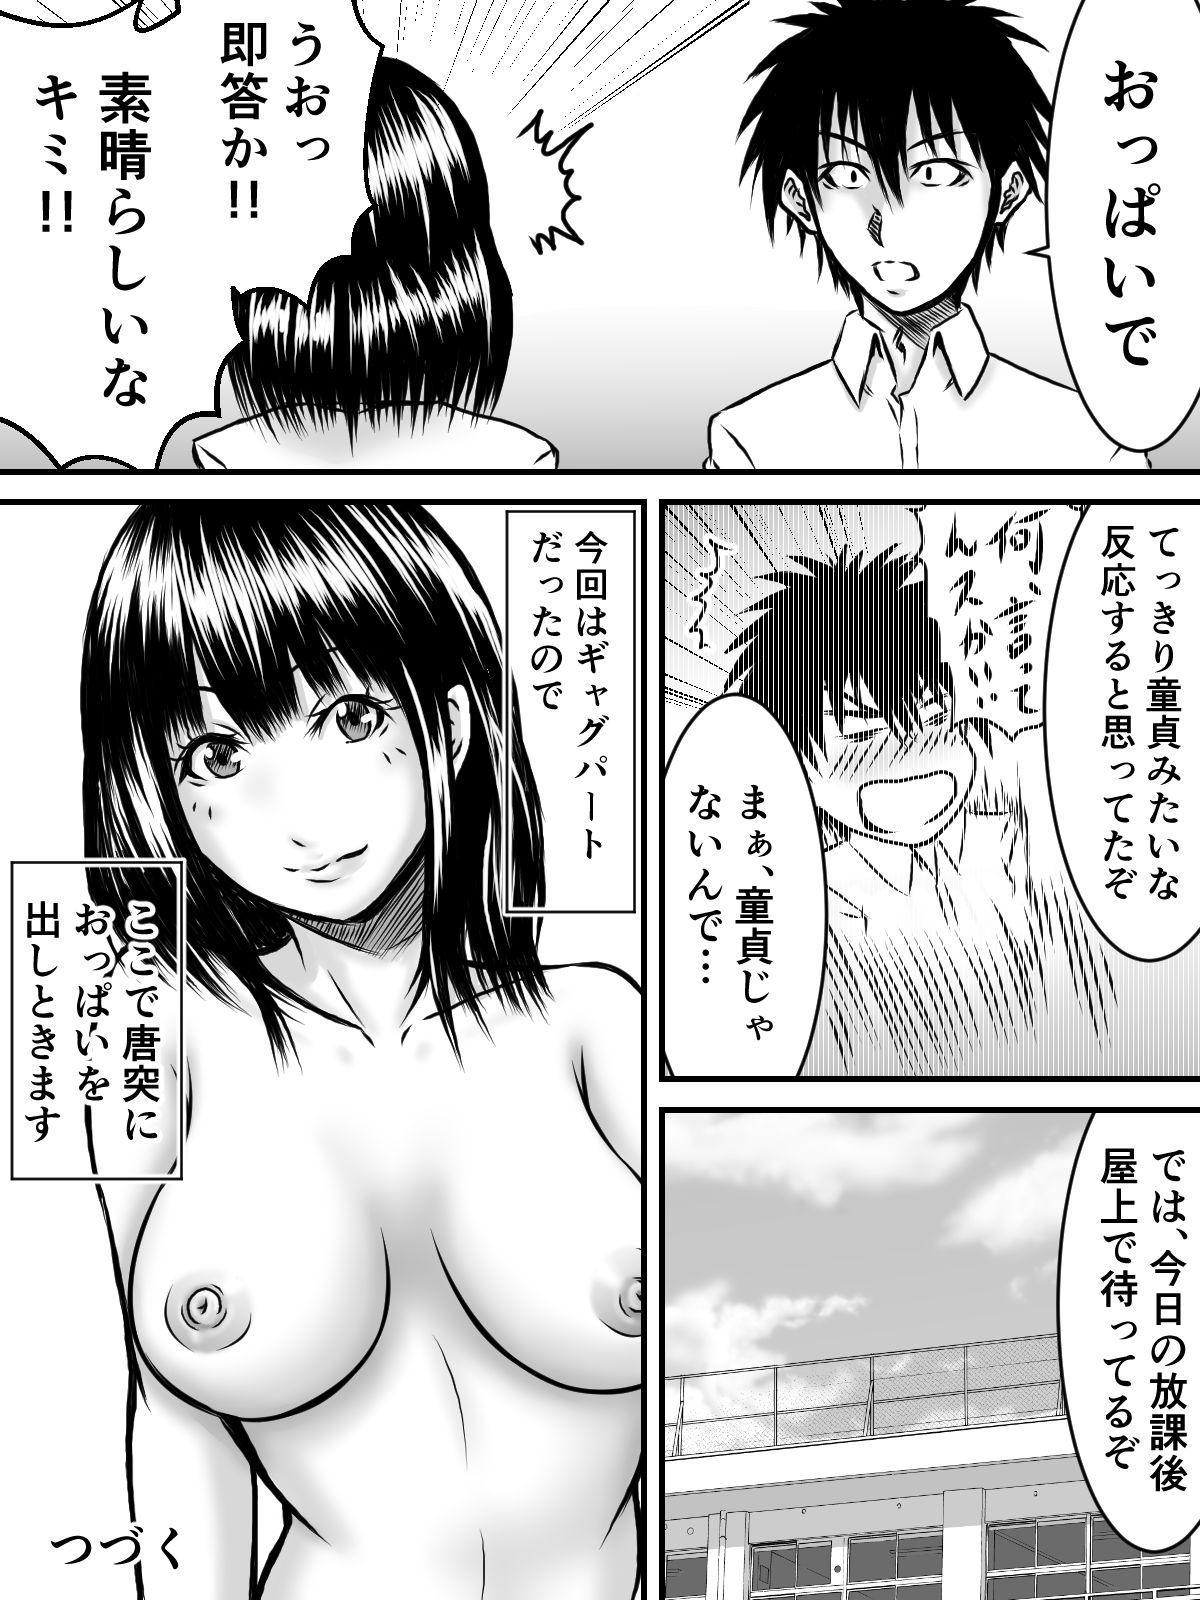 Kiss wa ¥300 39